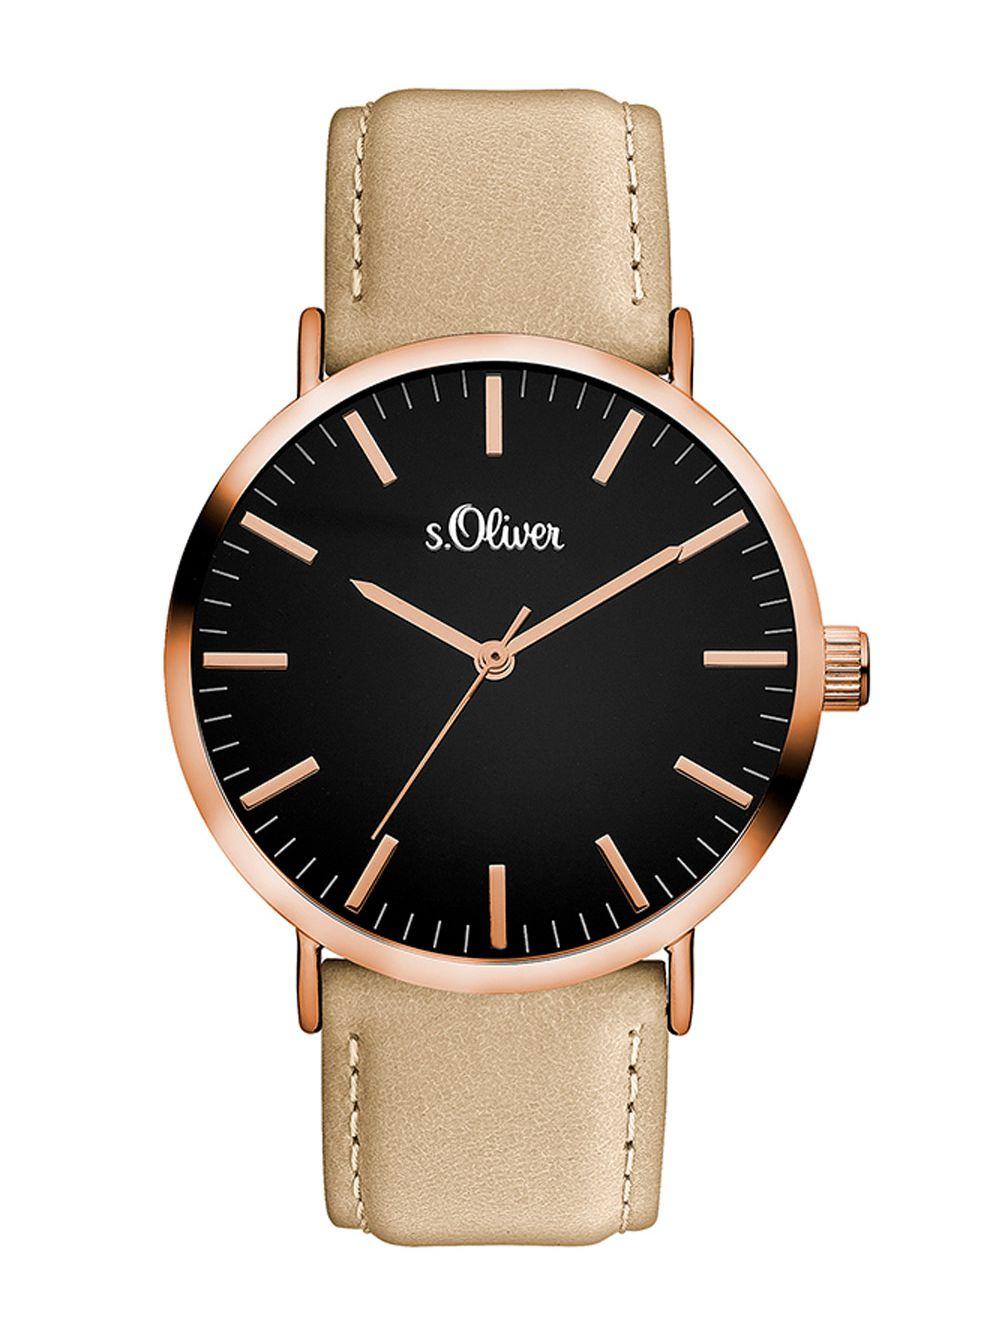 Fang fantastische Einsparungen verschiedenes Design s.Oliver SO-3376-LQ Ladies Watch